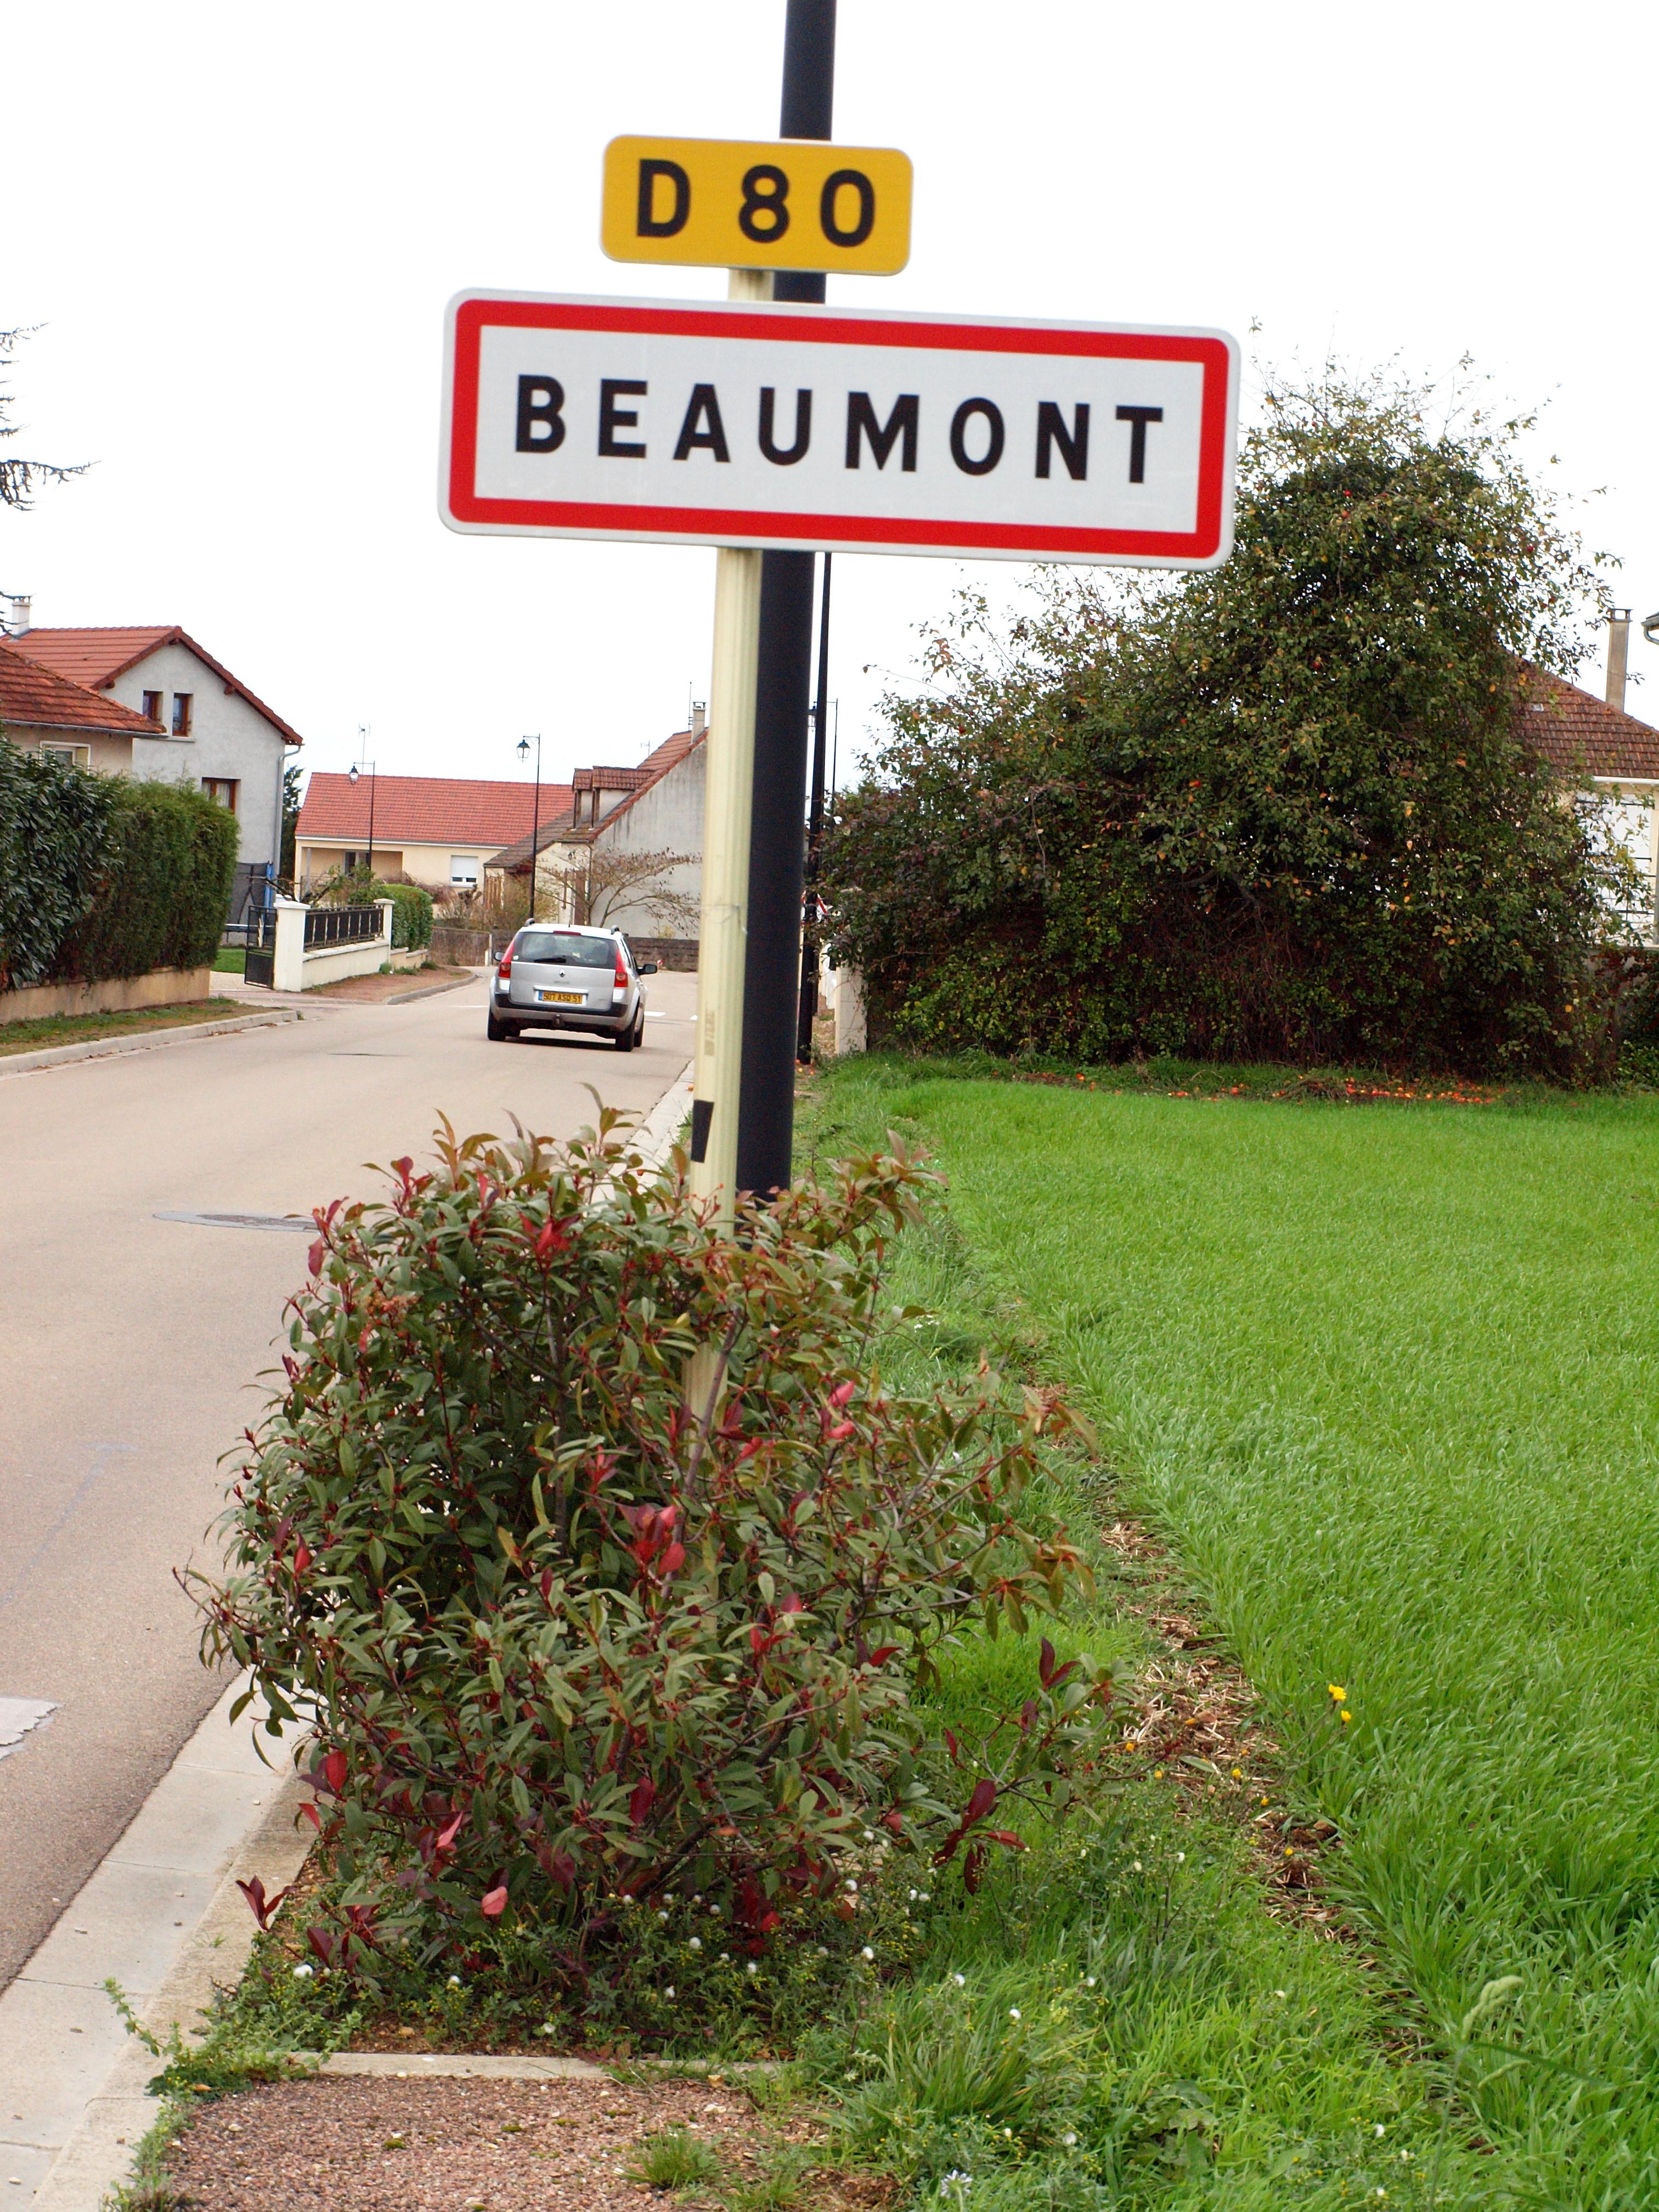 Rencontre Cougar Avec Femme Cherchant Plan Cul Sur Saint-Denis